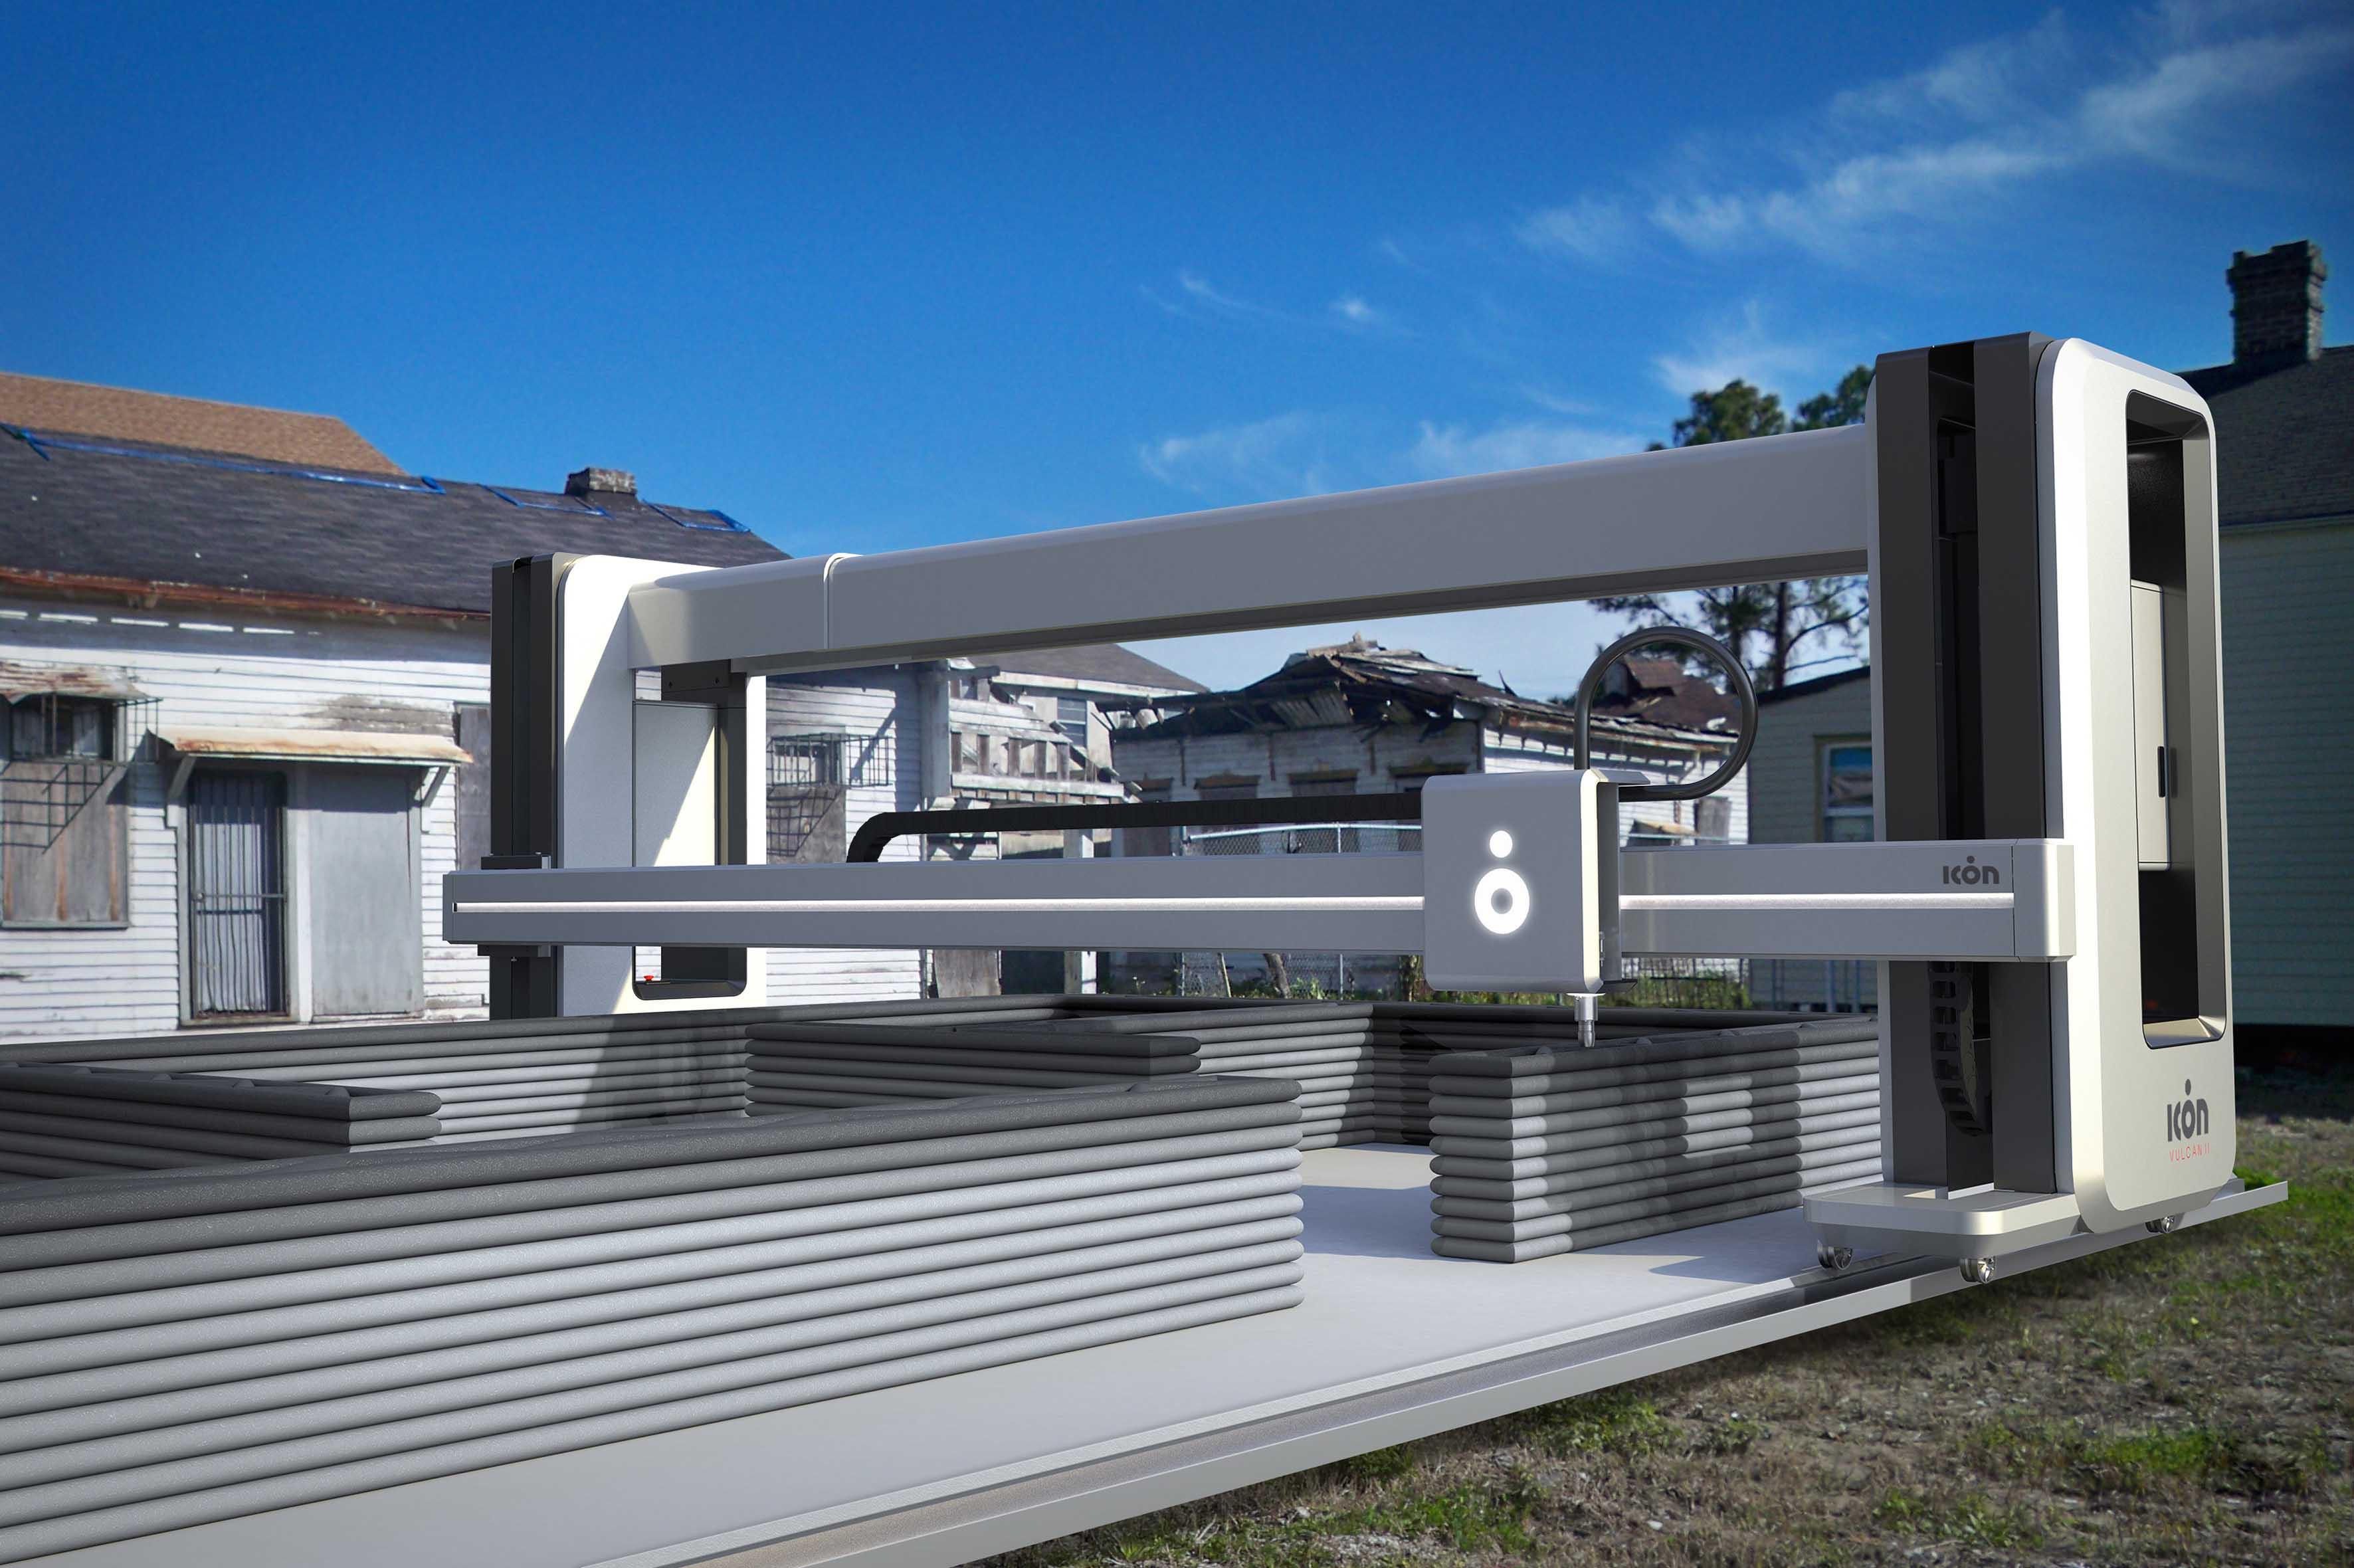 Ecco la prima cittadina costruita interamente con una stampante 3D